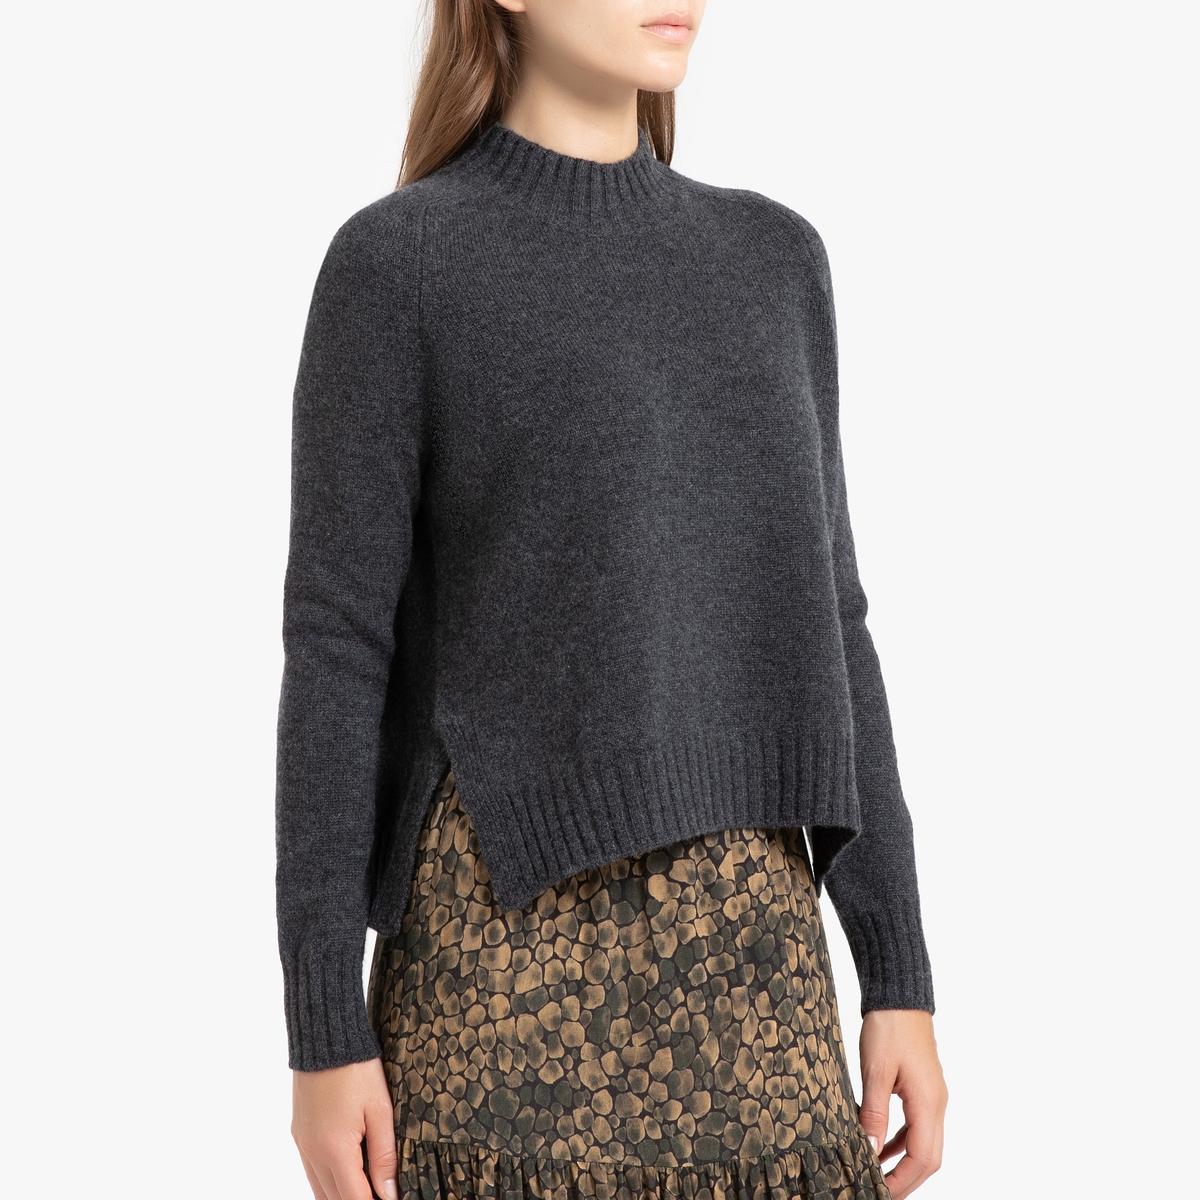 цена на Пуловер La Redoute Кашемировый с воротником-стойка из тонкого трикотажа LEONIE 3(L) серый